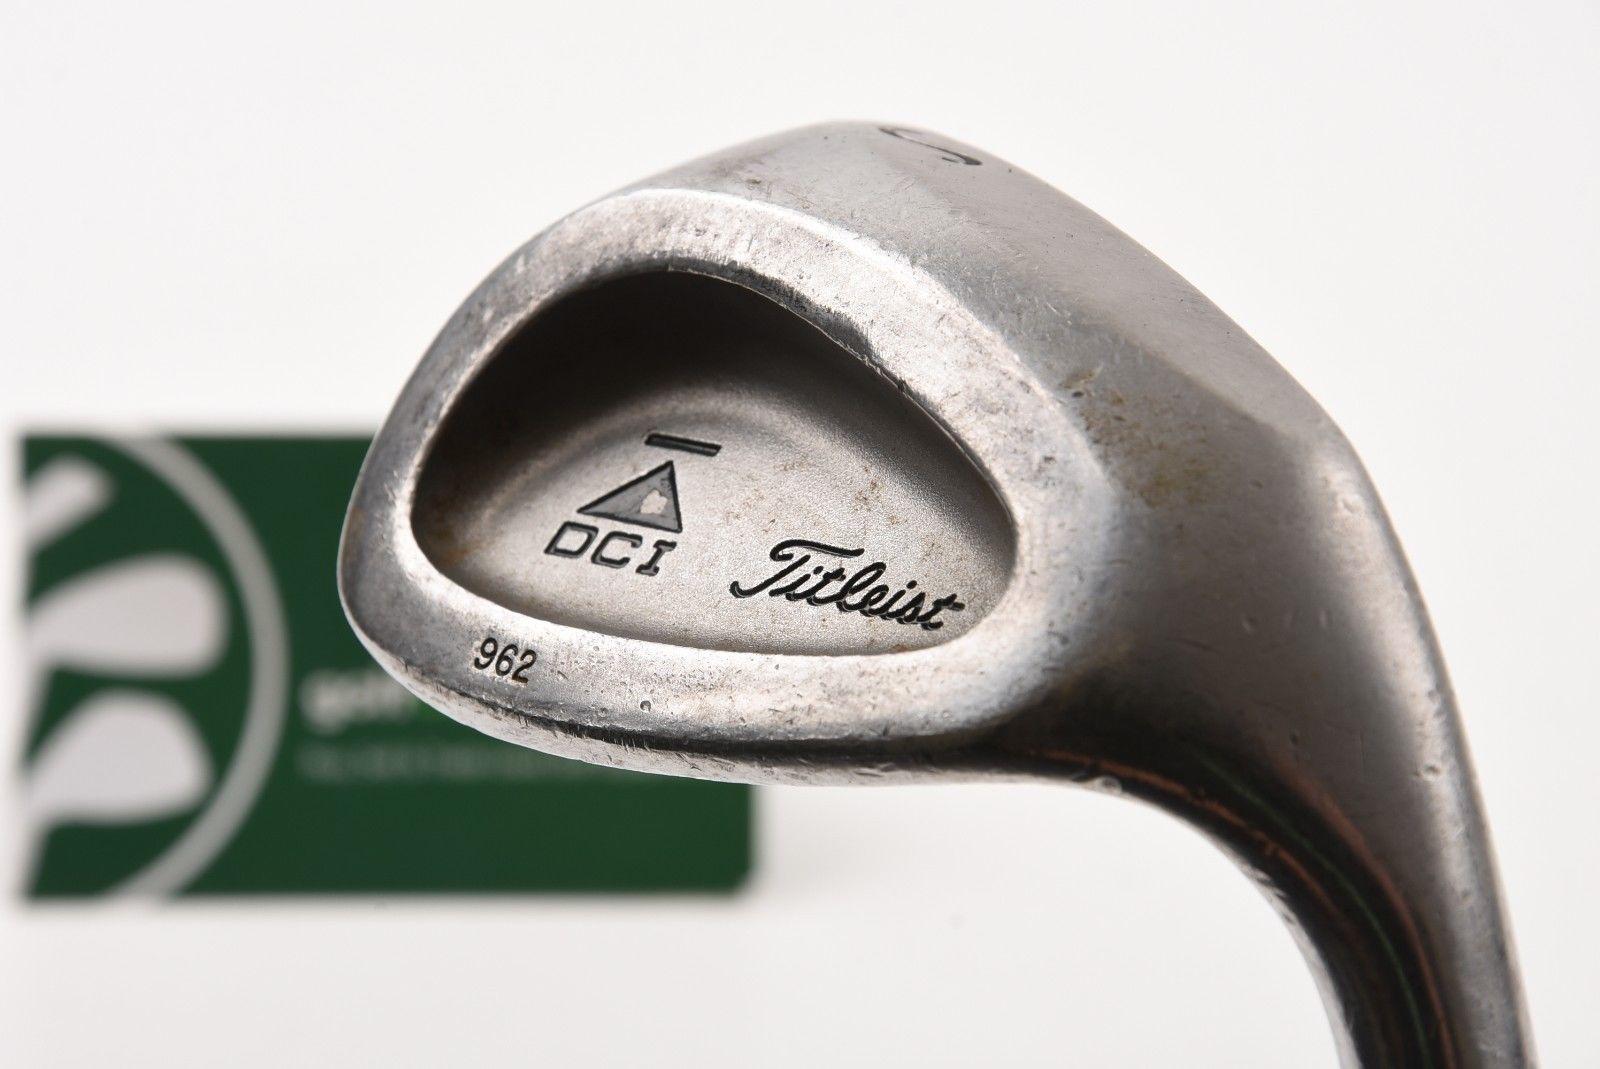 Golf-Artikel Titleist DCI 56° sand wedge Golfschläger & -ausrüstungsartikel